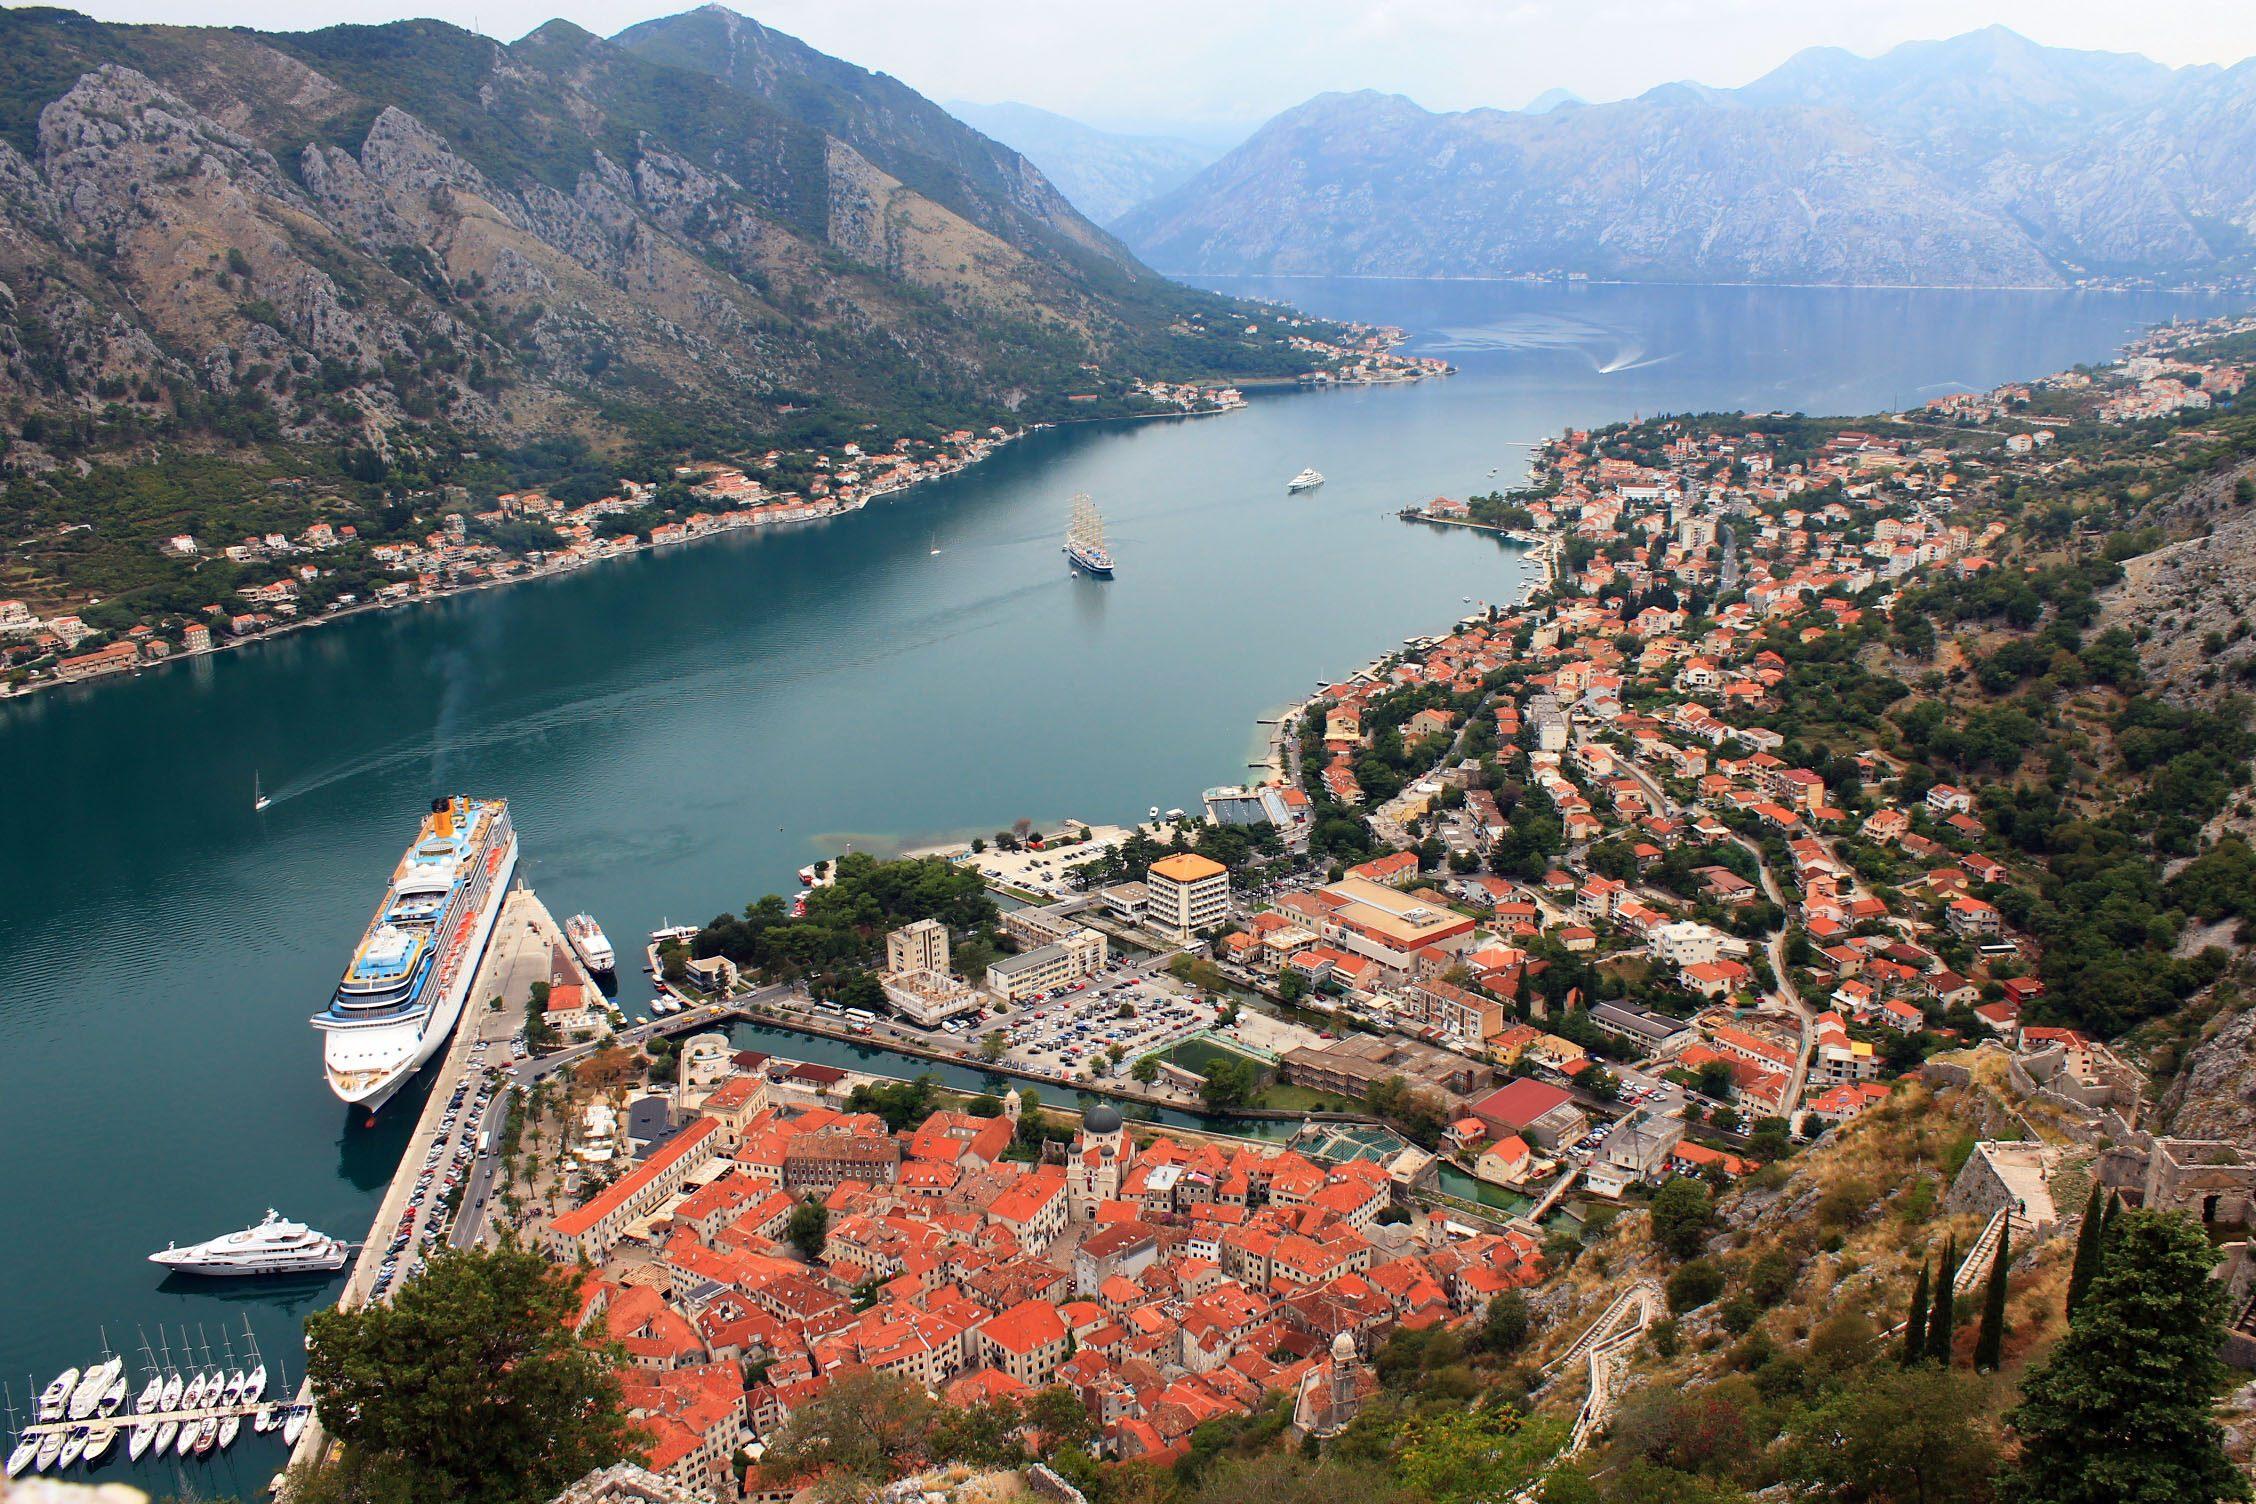 ТОП-10 достопримечательностей Черногории или что посмотреть в Монтенегро